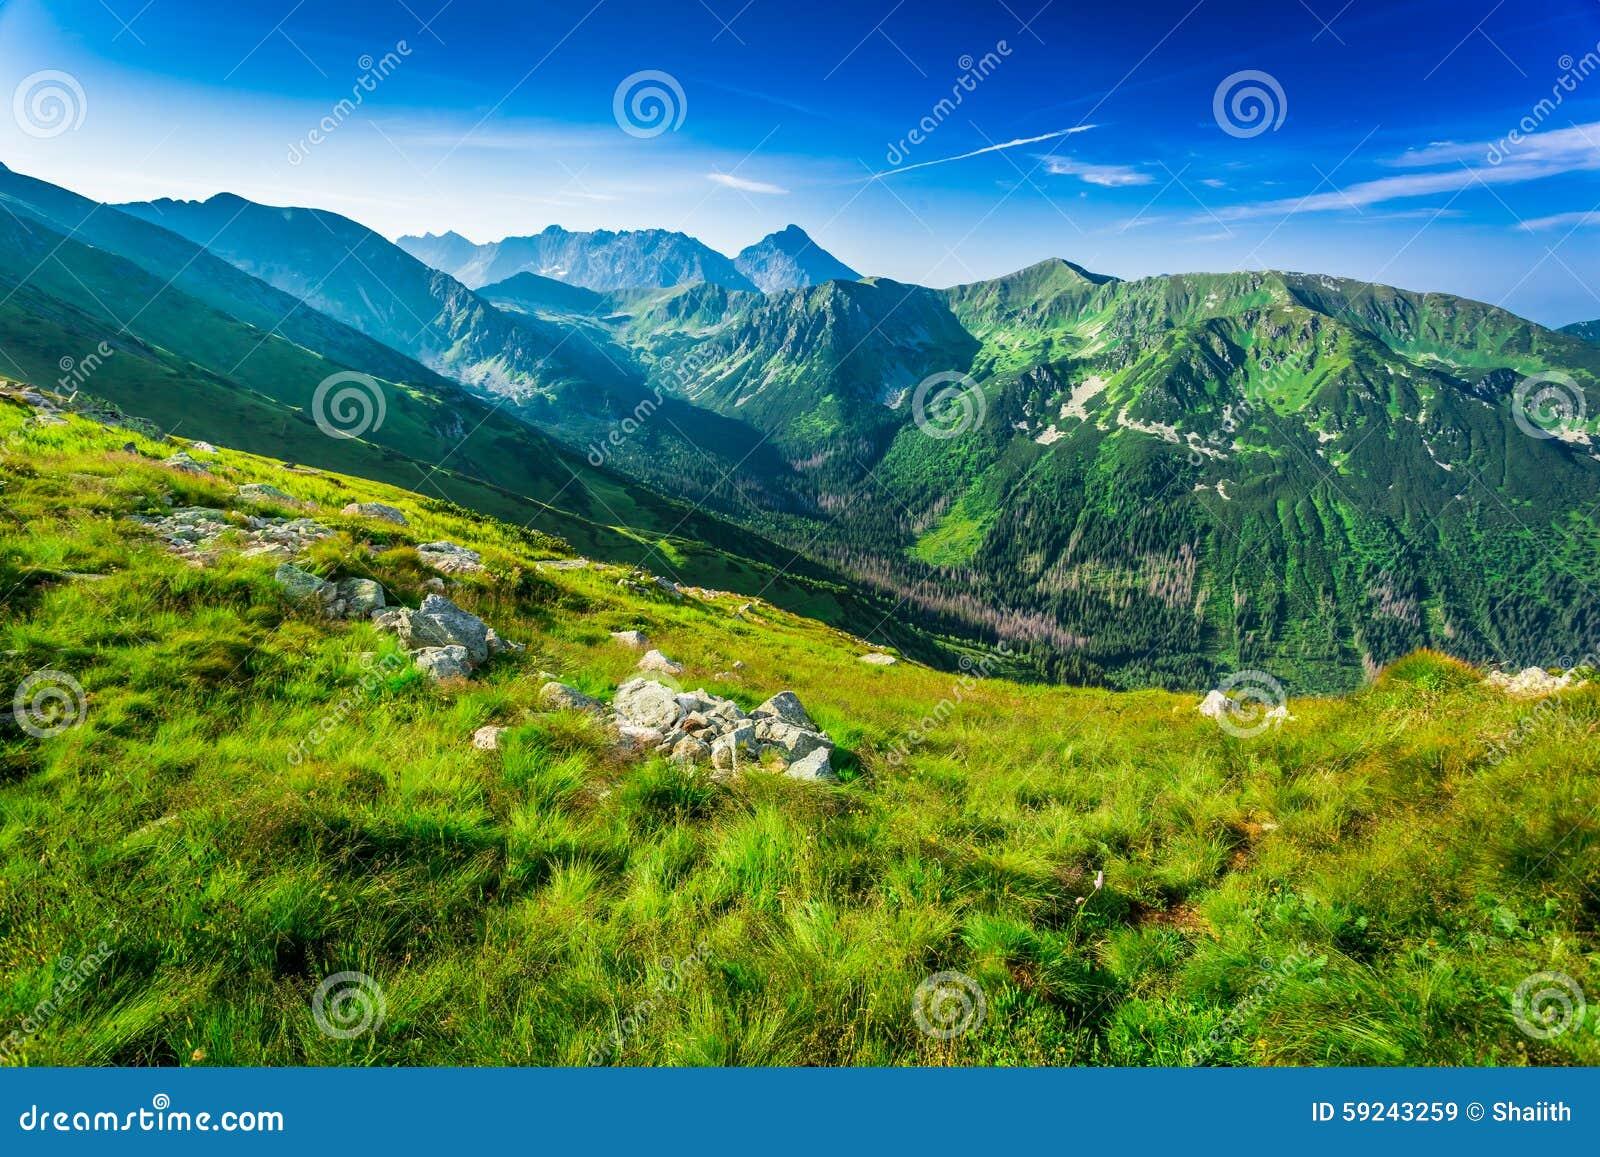 Download Amanecer Hermoso En Las Montañas Imagen de archivo - Imagen de alto, montaña: 59243259